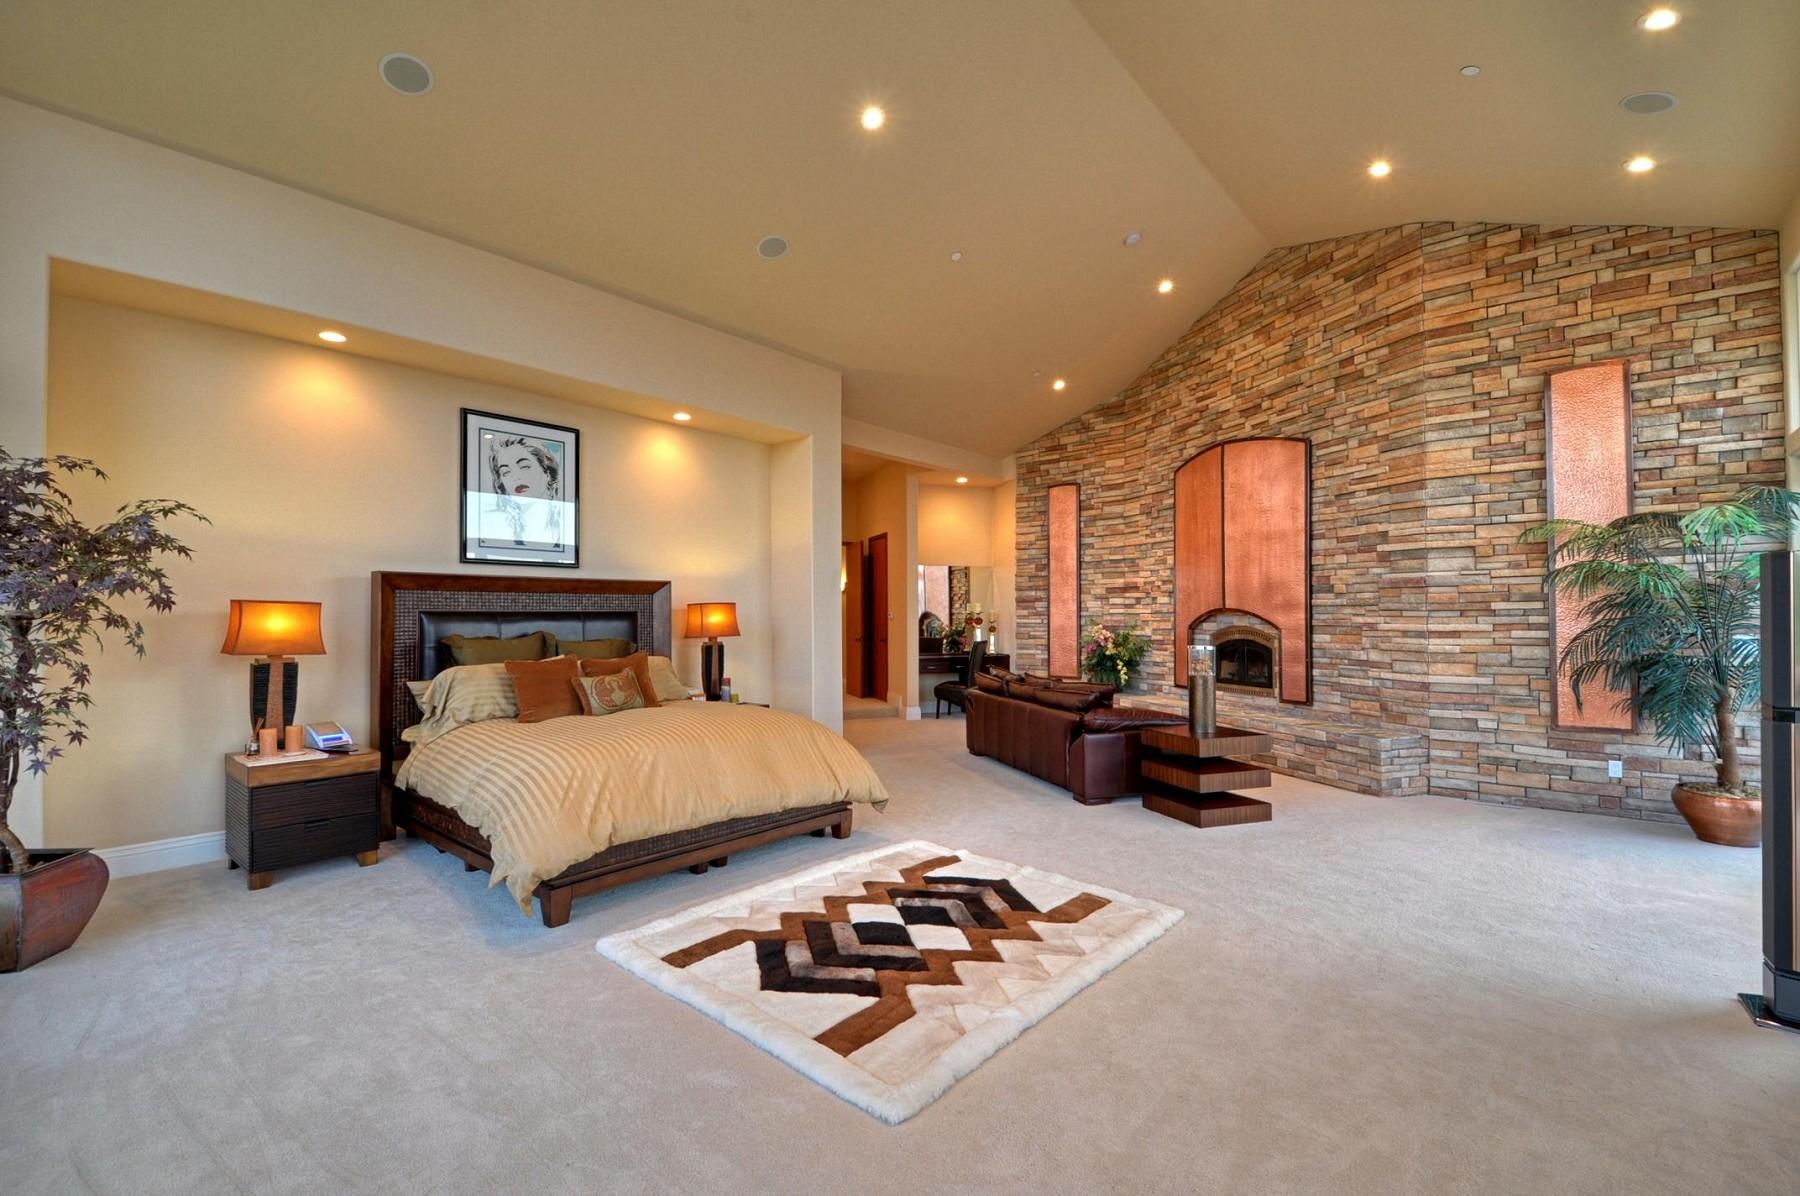 décoration-chambre-adulte-lit-rangement-chic-déco-à-faire-soi-mêmevaste-et-lumineuse